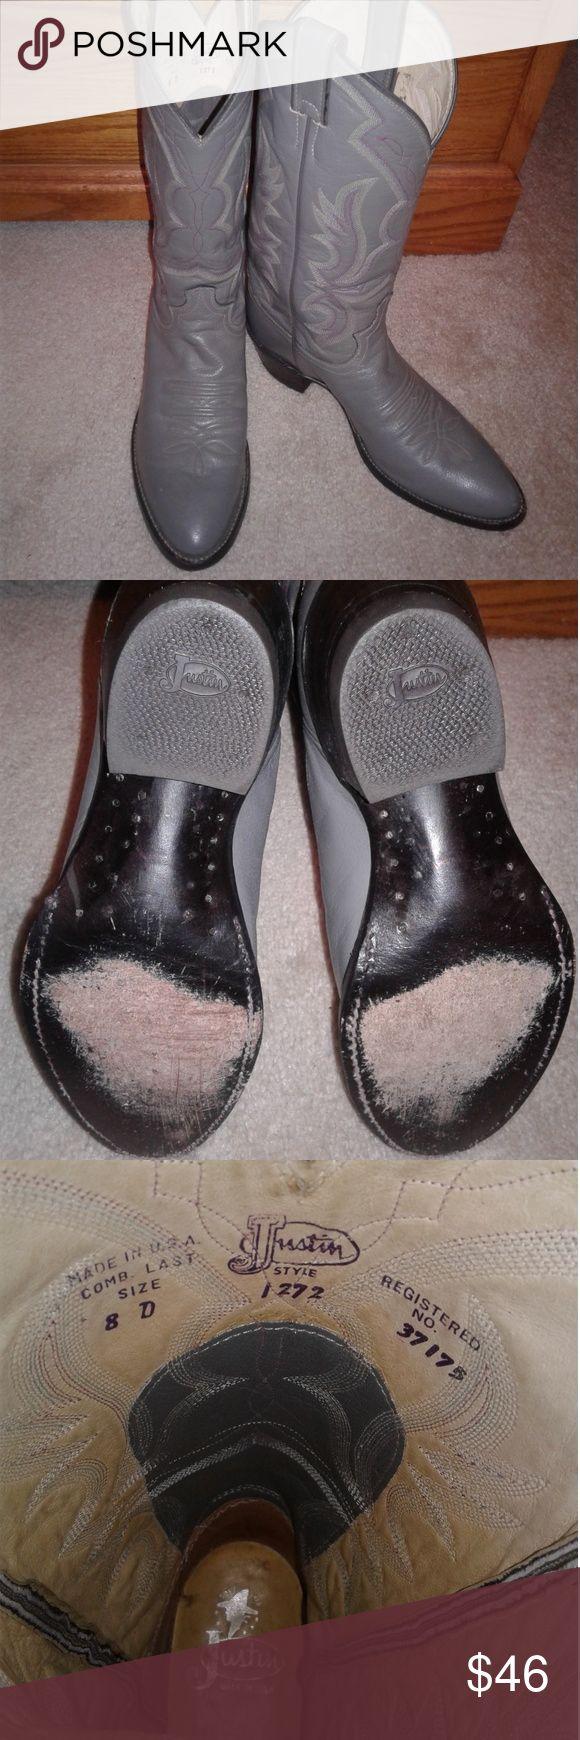 Justin Boots 🏇 Herren 8 Justin Boots Herrengröße 8. Grau in Farbe … diese …